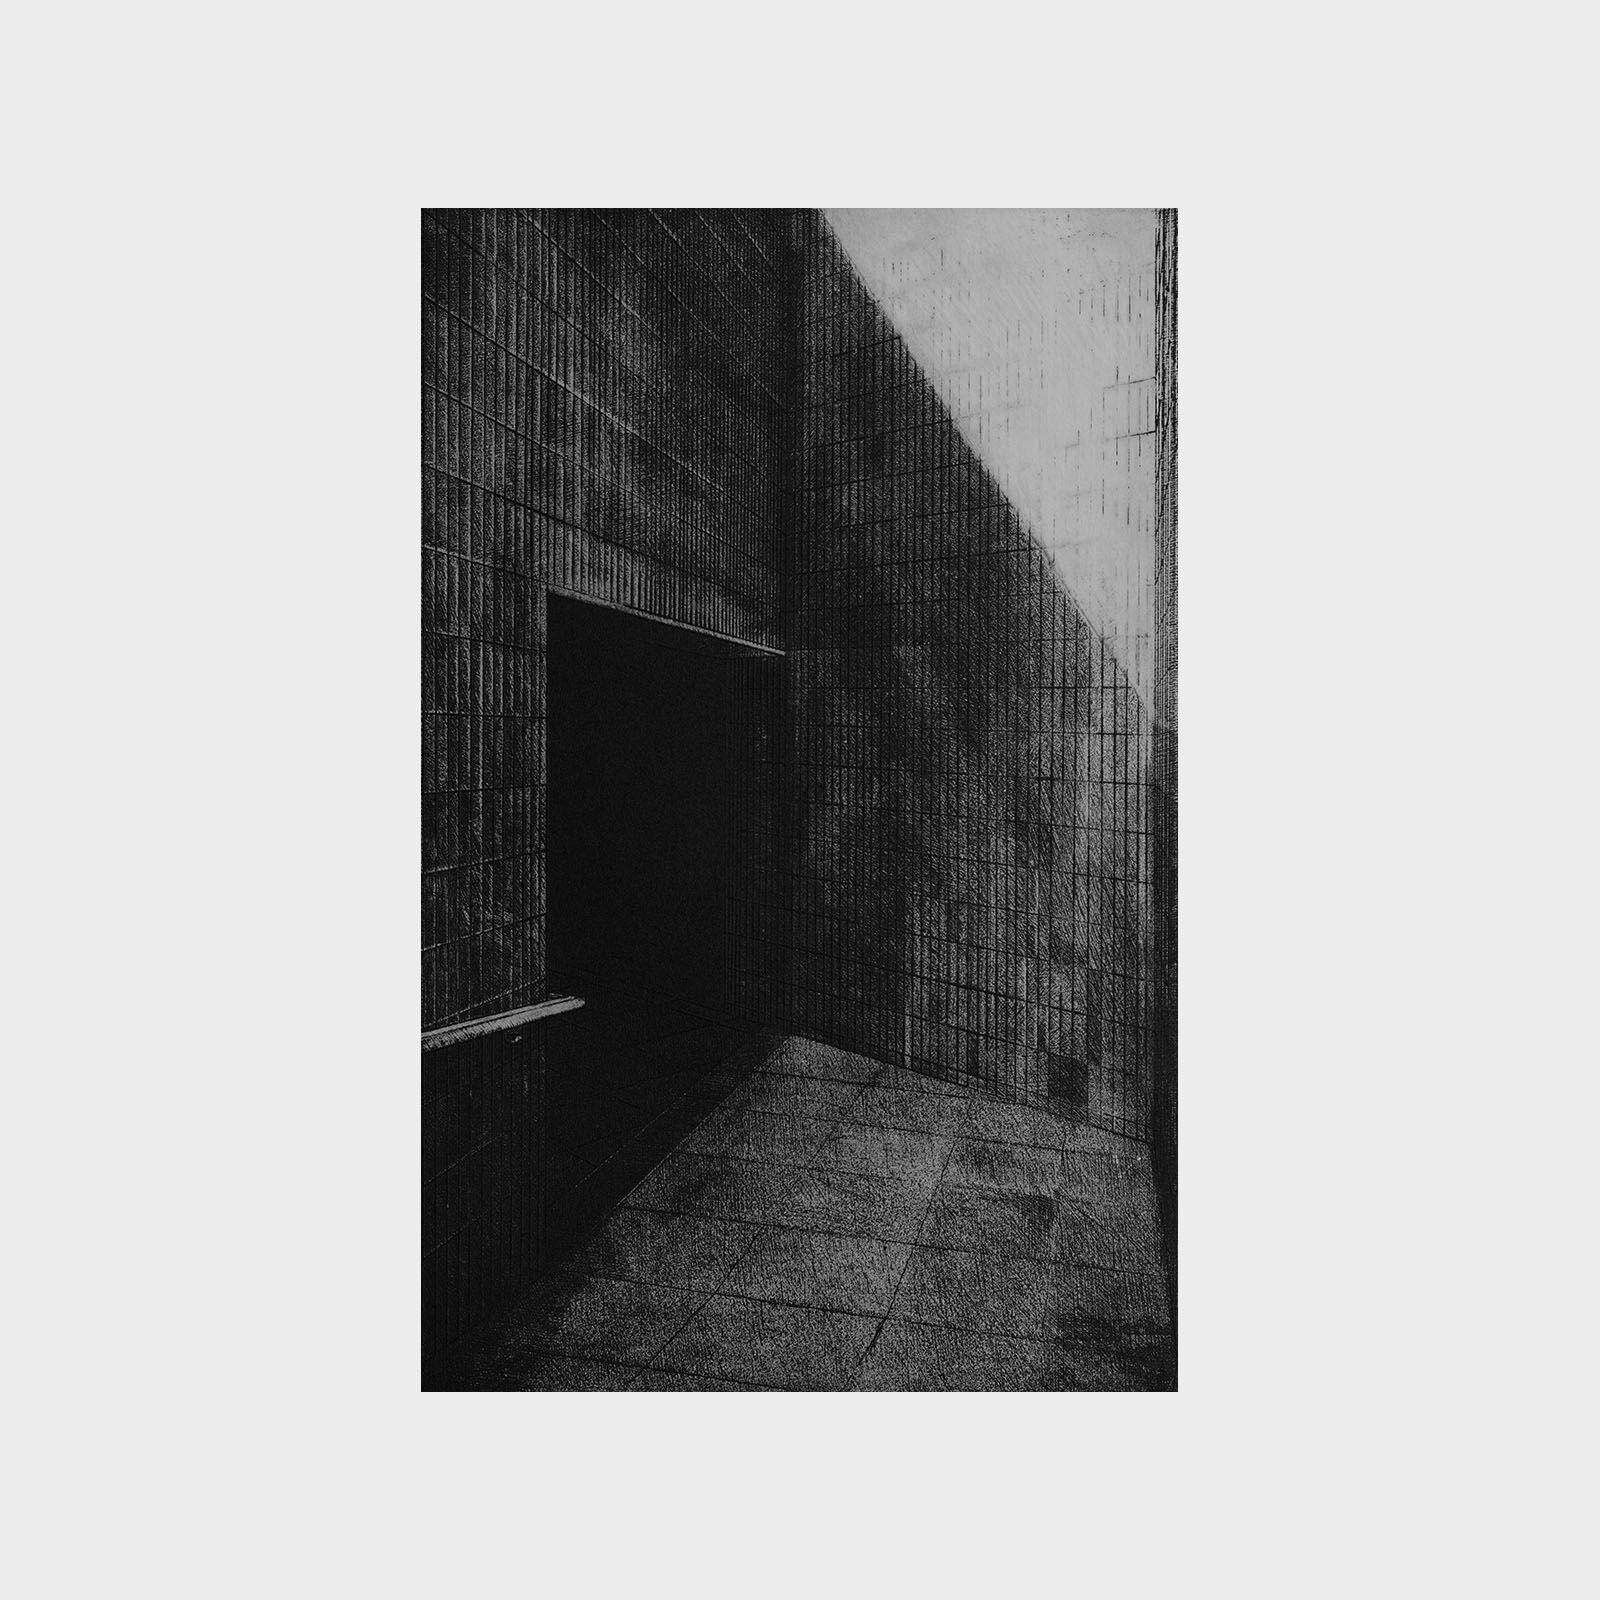 Entering a Dark Passage